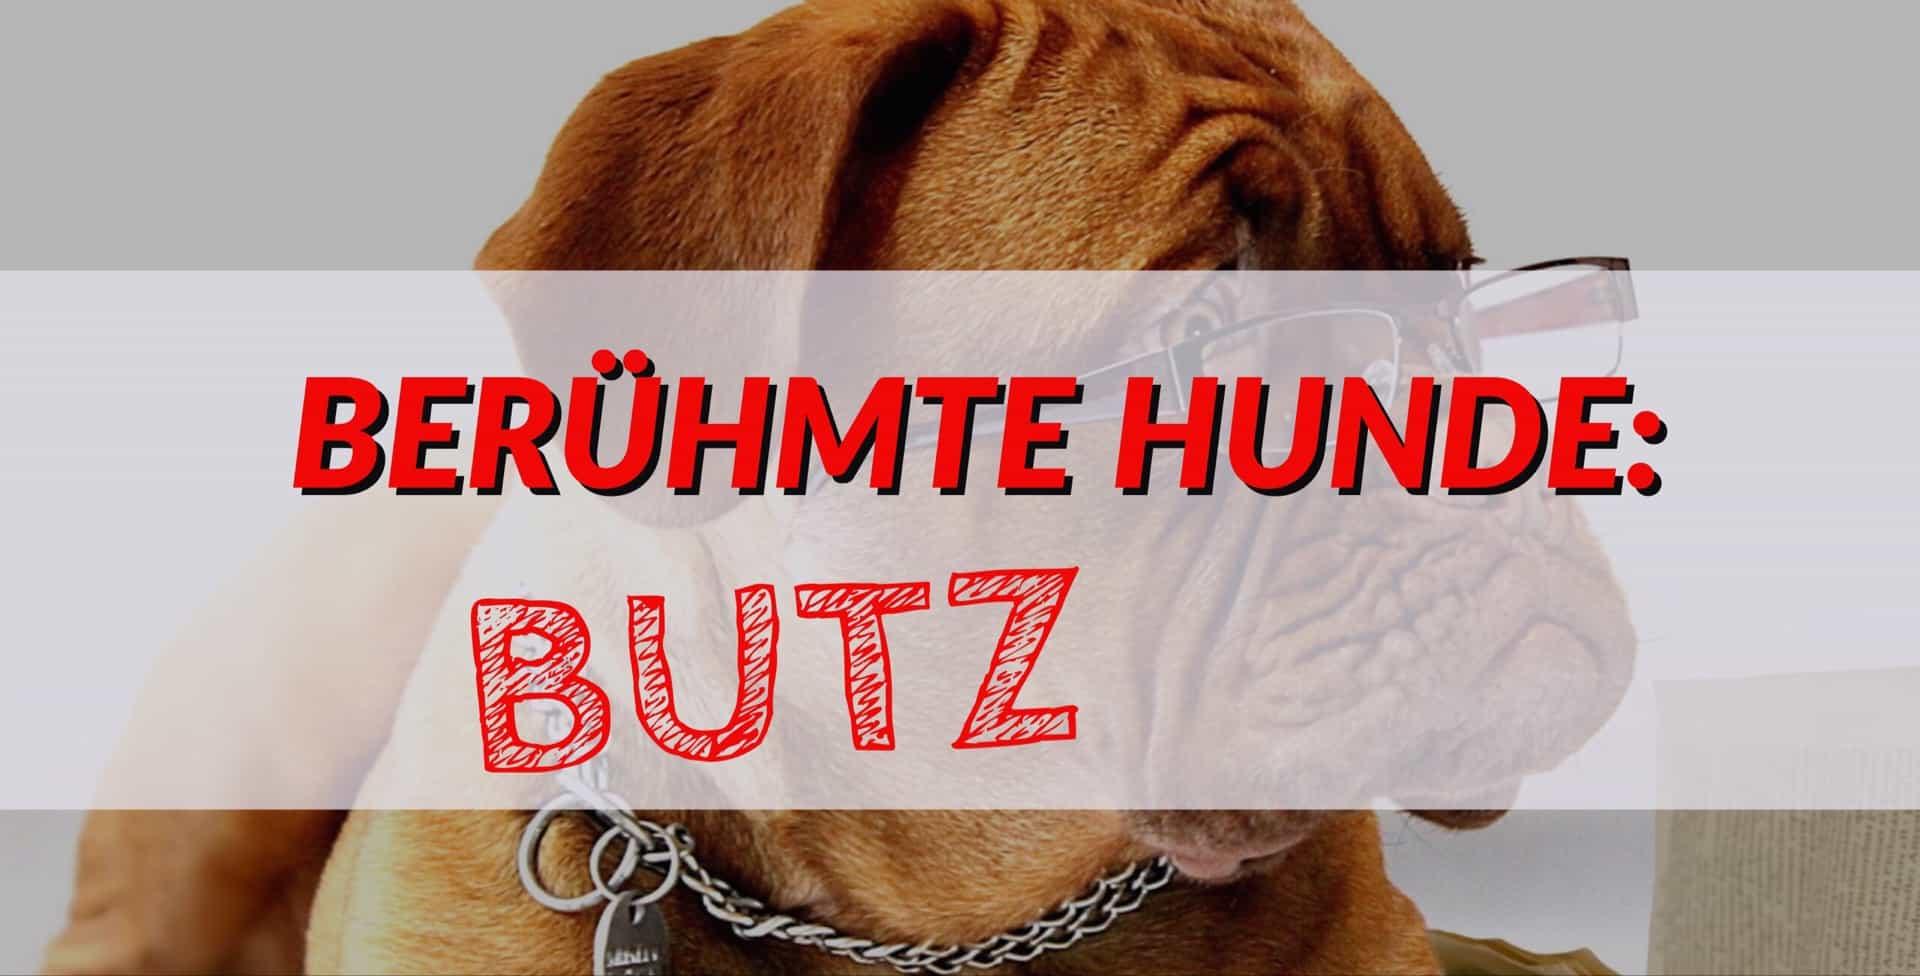 Berühmte Hunde: Butz